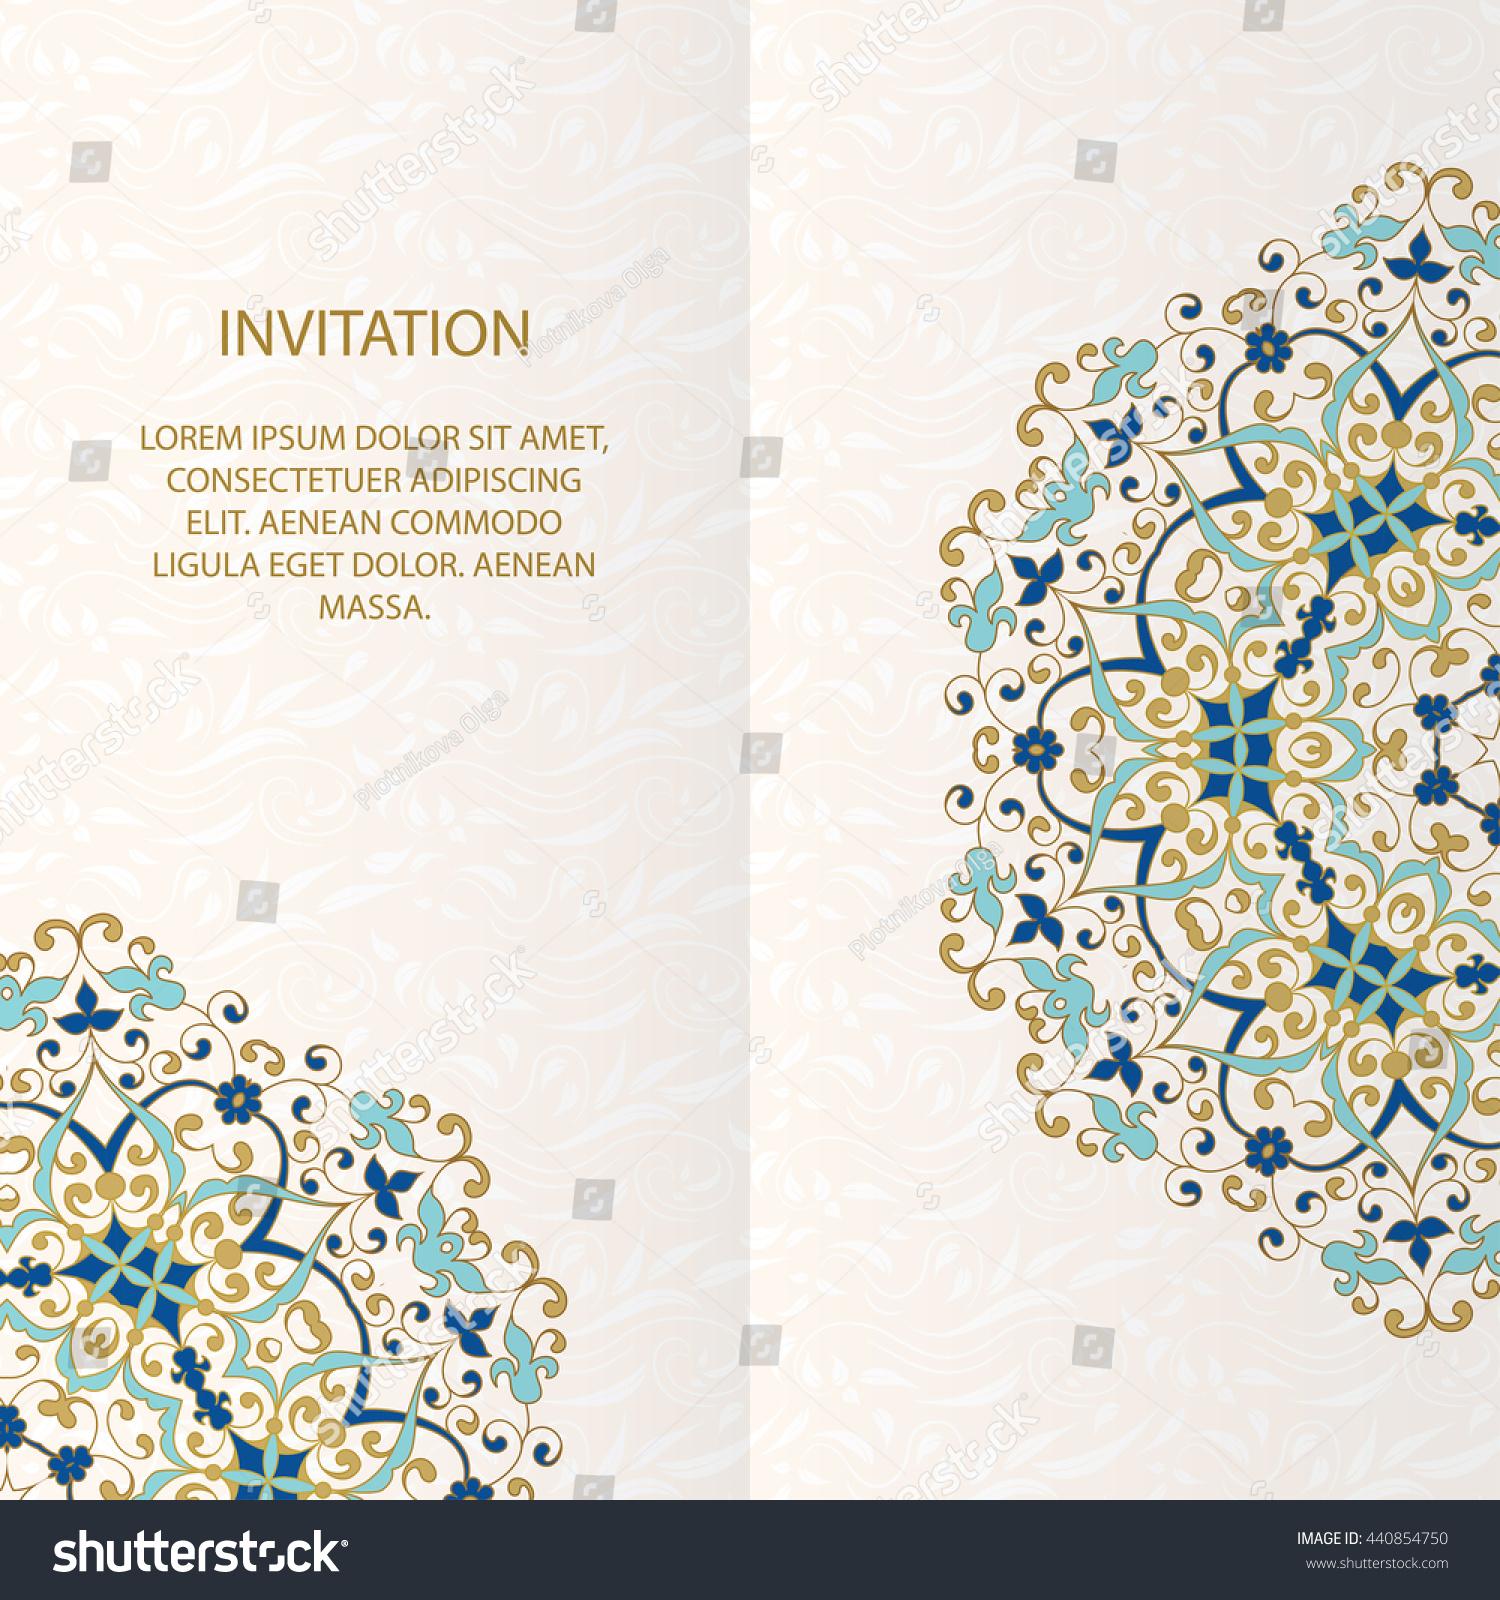 islamic brochure design - vintage islamic style brochurevector decorative frame